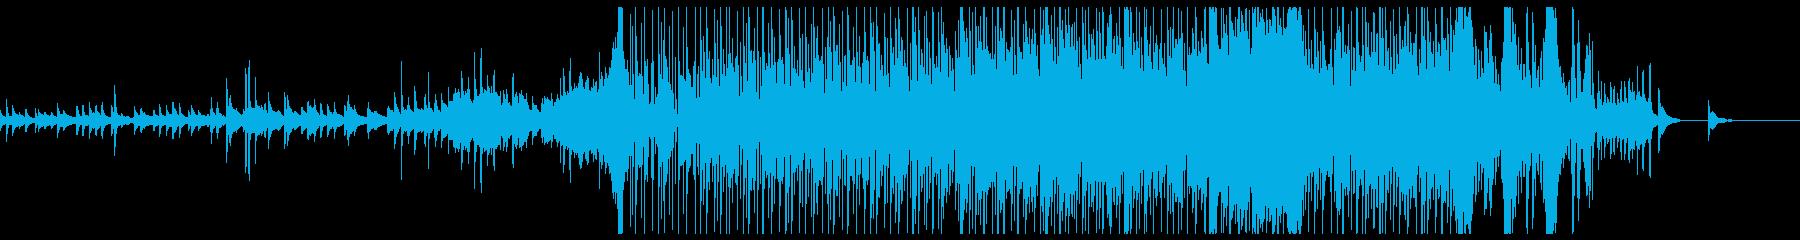 ピアノとオーケストラのBGMの再生済みの波形